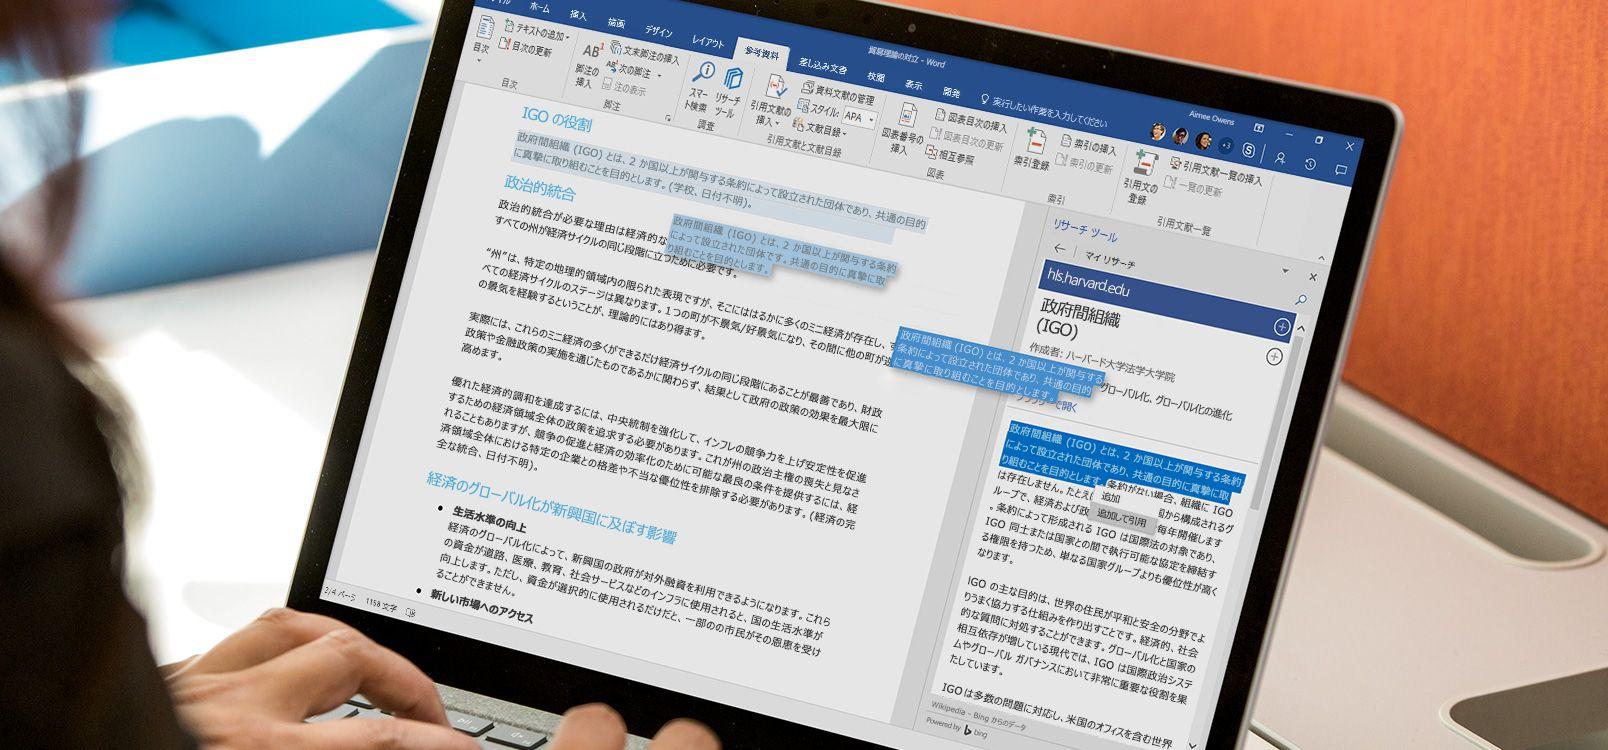 ノートWindows  PC の画面に Word 文書が表示されており、リサーチ ツール機能を使用中です